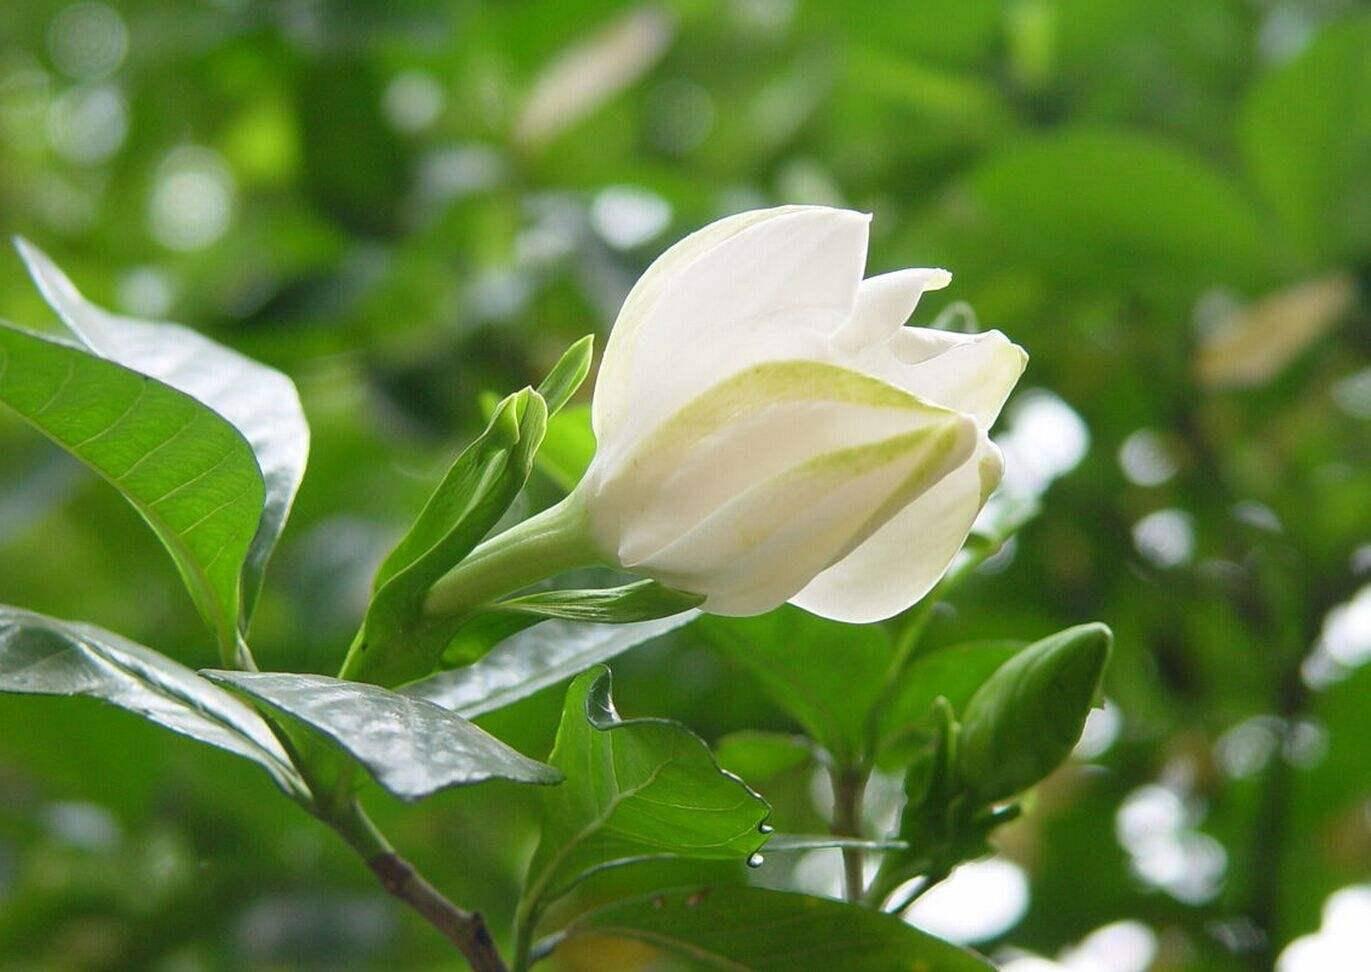 比茉莉栀子花还香的花 是提取香精的原料 开花仙气十足  栀子和茉莉香味的区别